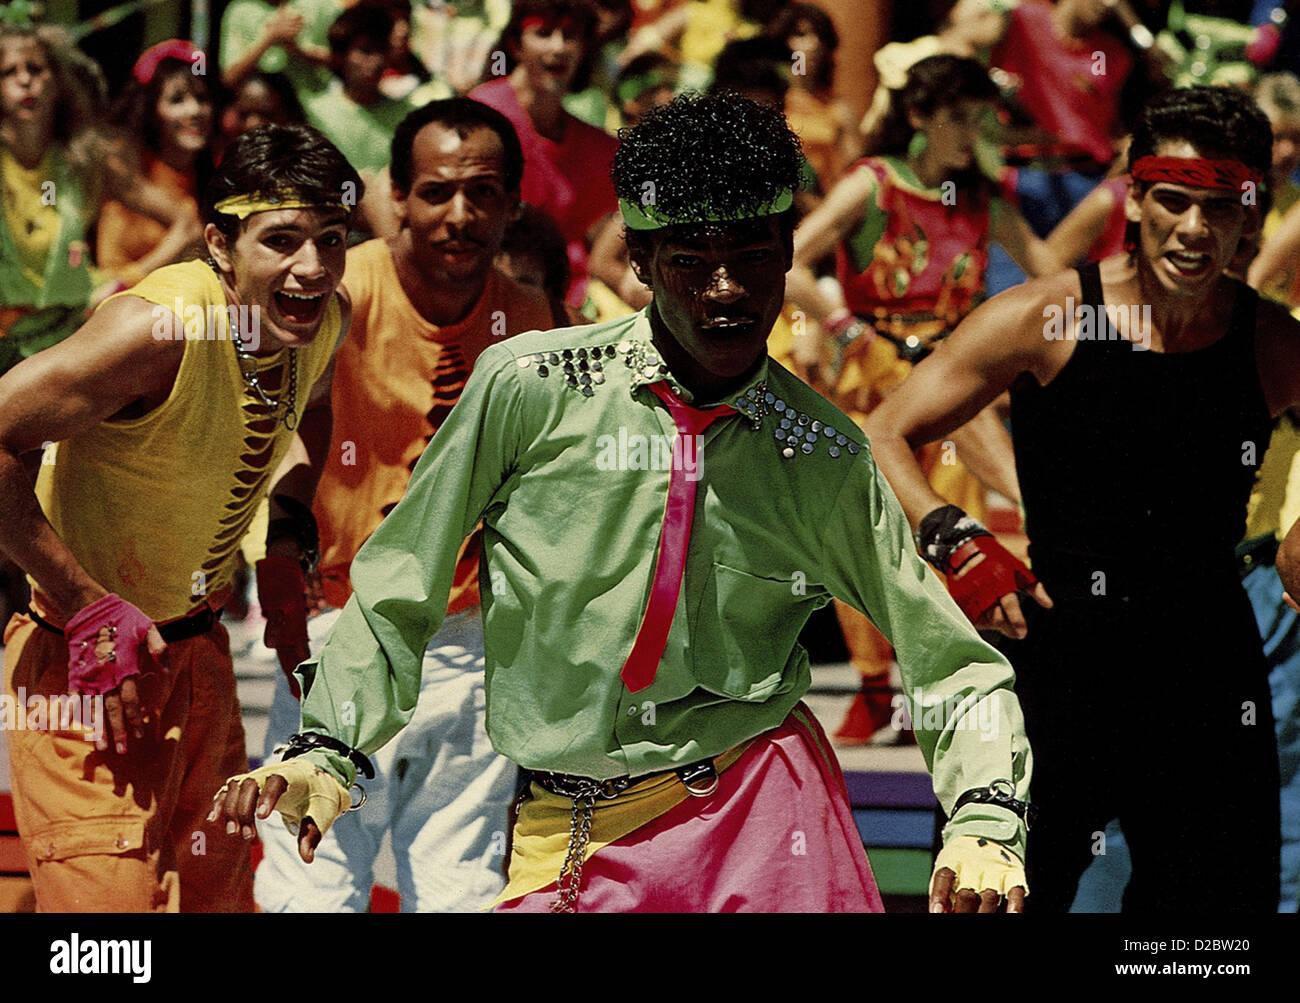 Electric Boogaloo   Breakin' 2: Electric Boogaloo   Szenenbild  -- - Stock Image